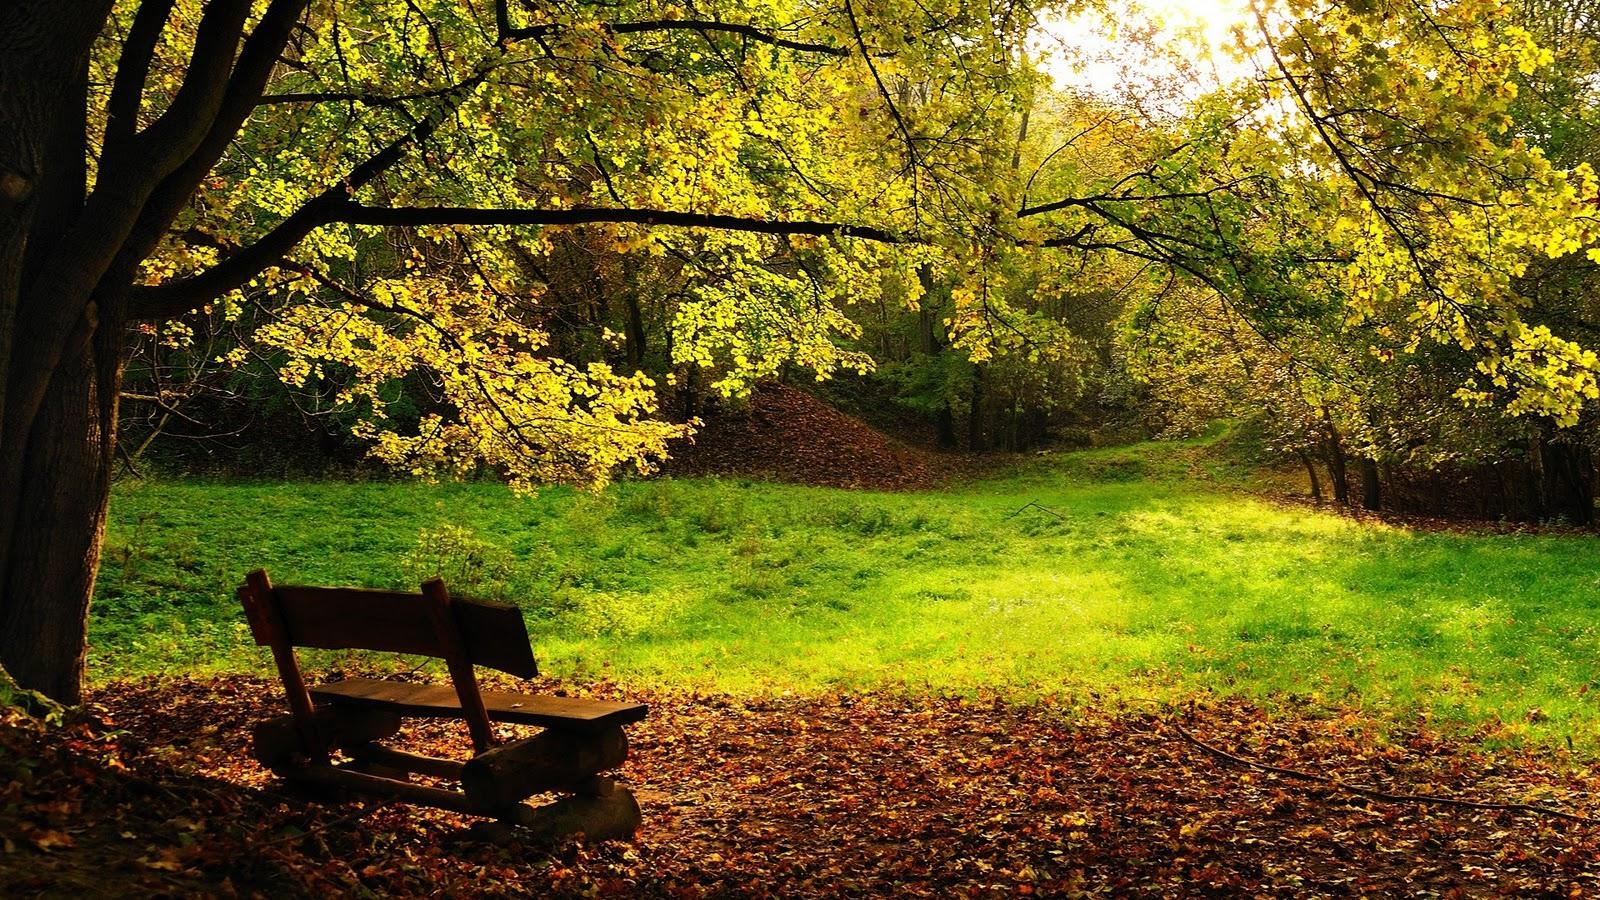 autumn desktop wallpaper hd   wwwwallpapers in hdcom 1600x900